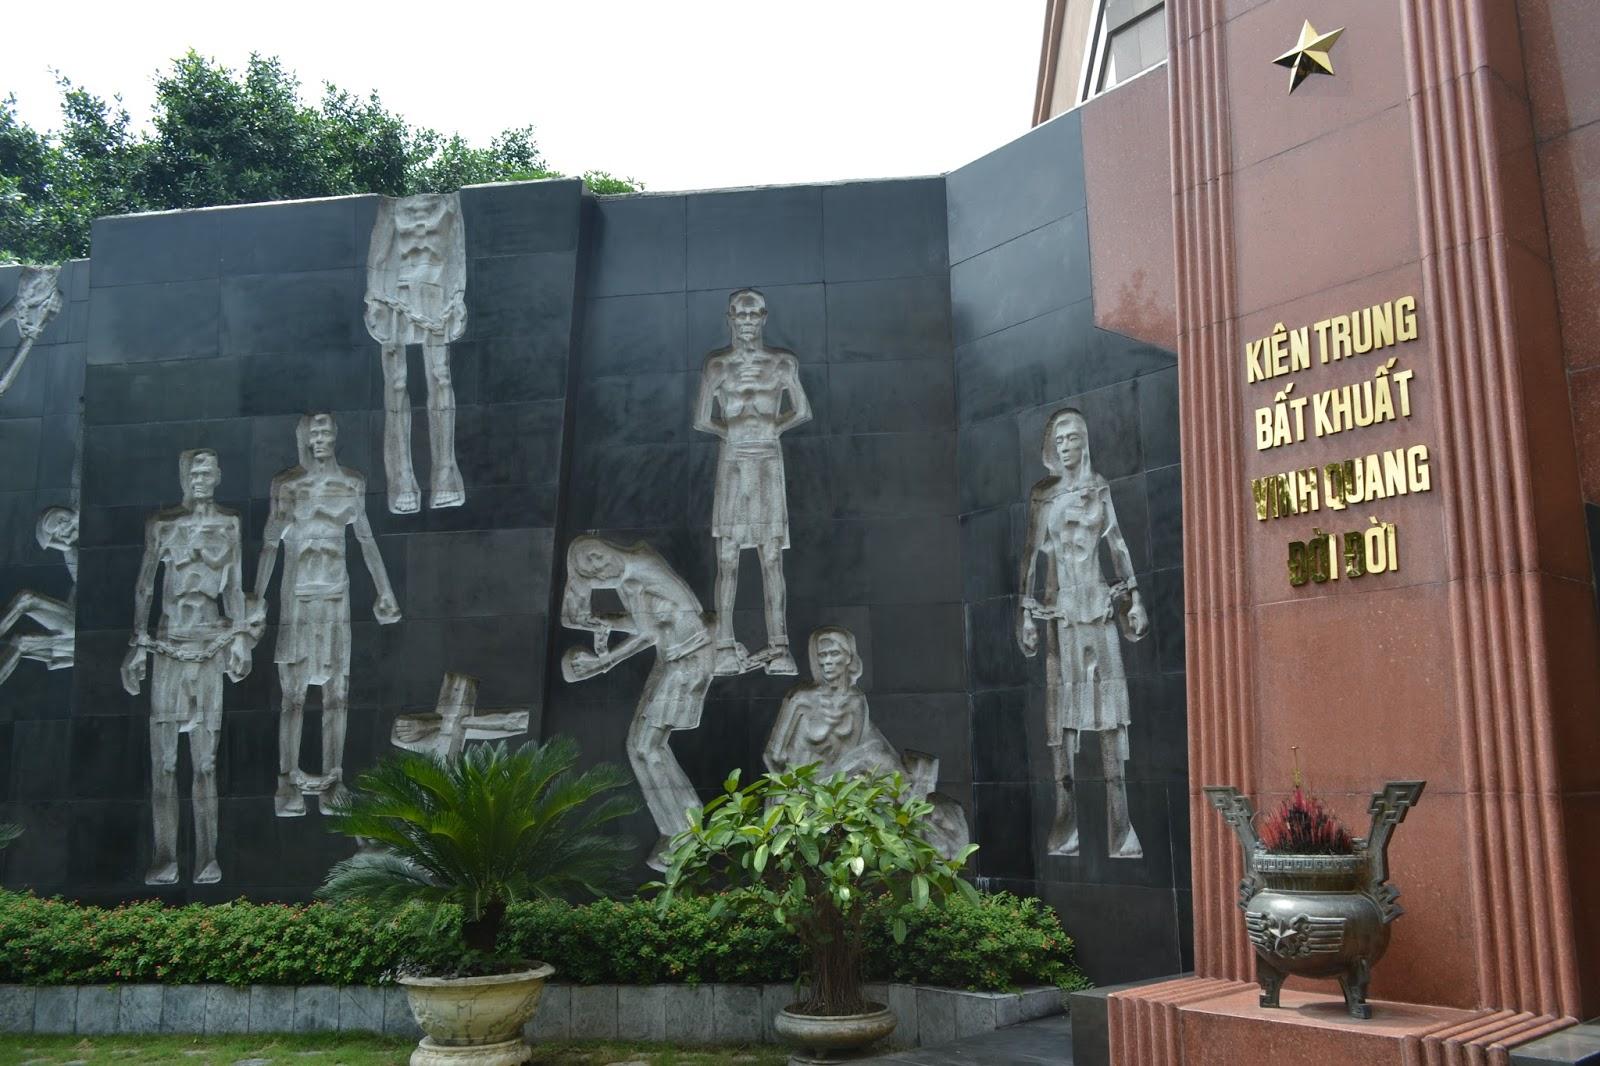 Memorial inside The Hỏa Lò Prison